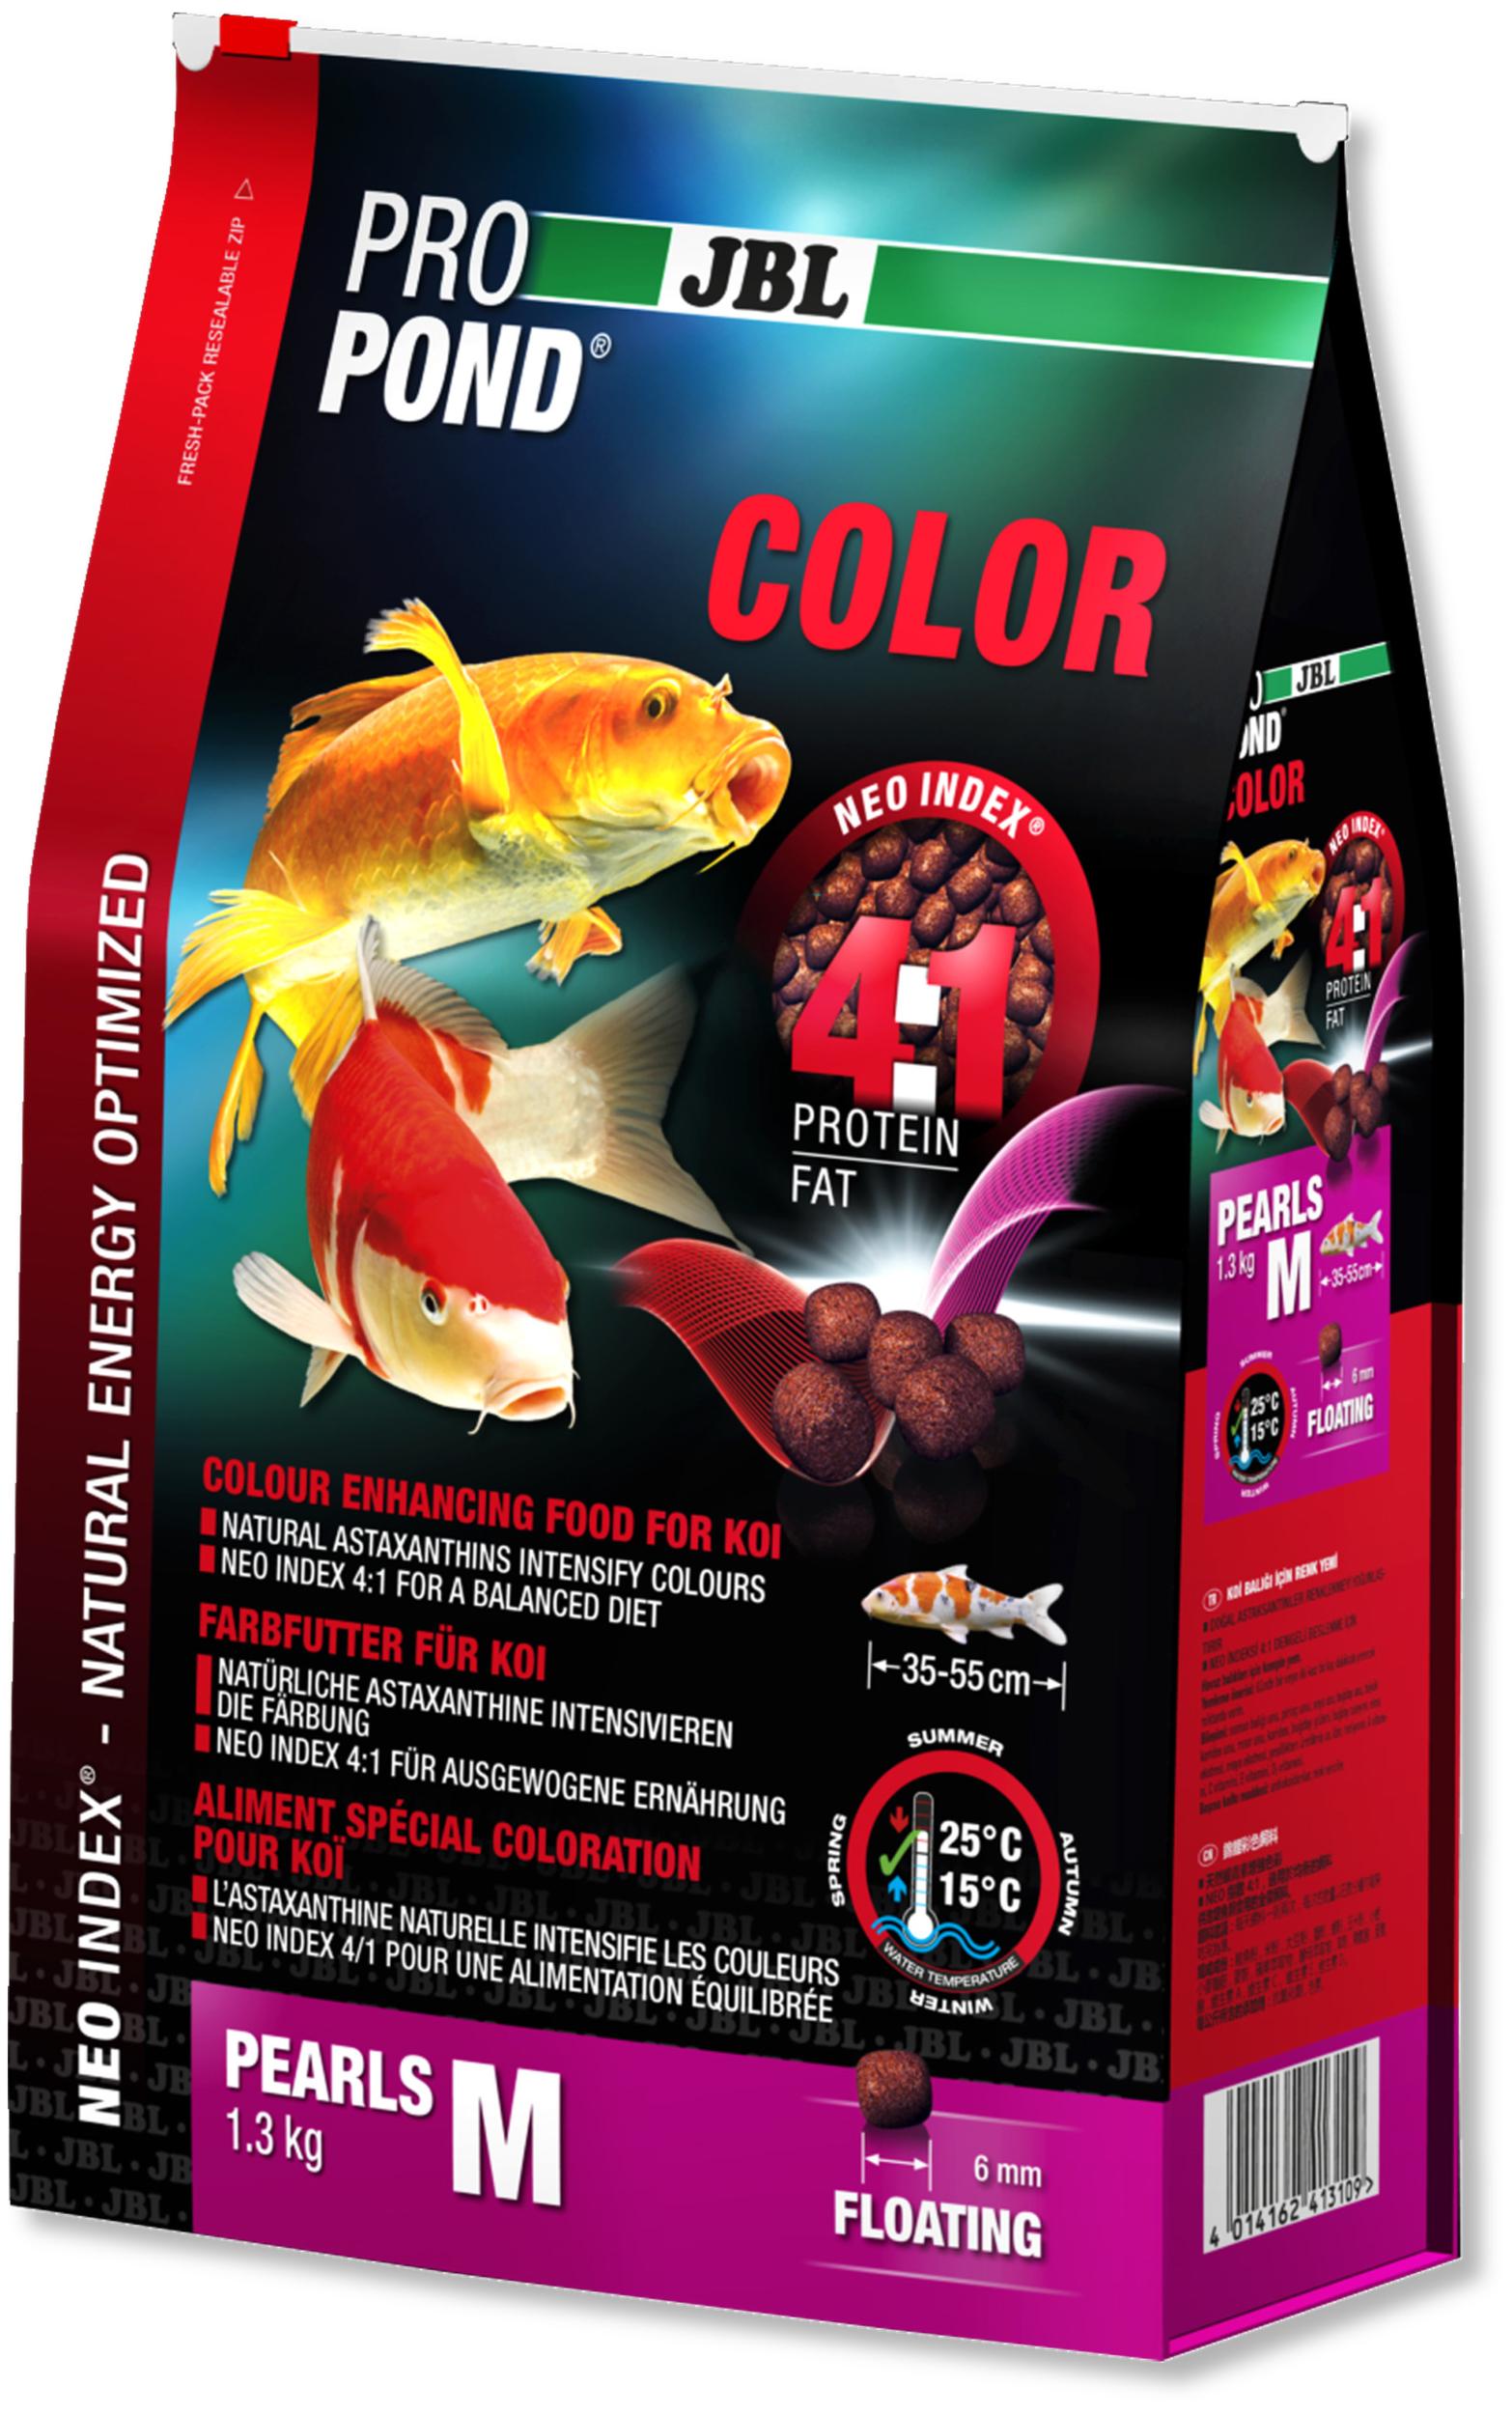 JBL ProPond Color M 1,3 Kg nourriture Koïs spéciale renforcement des couleurs sous forme de perles pour poissons de 35 à 55 cm